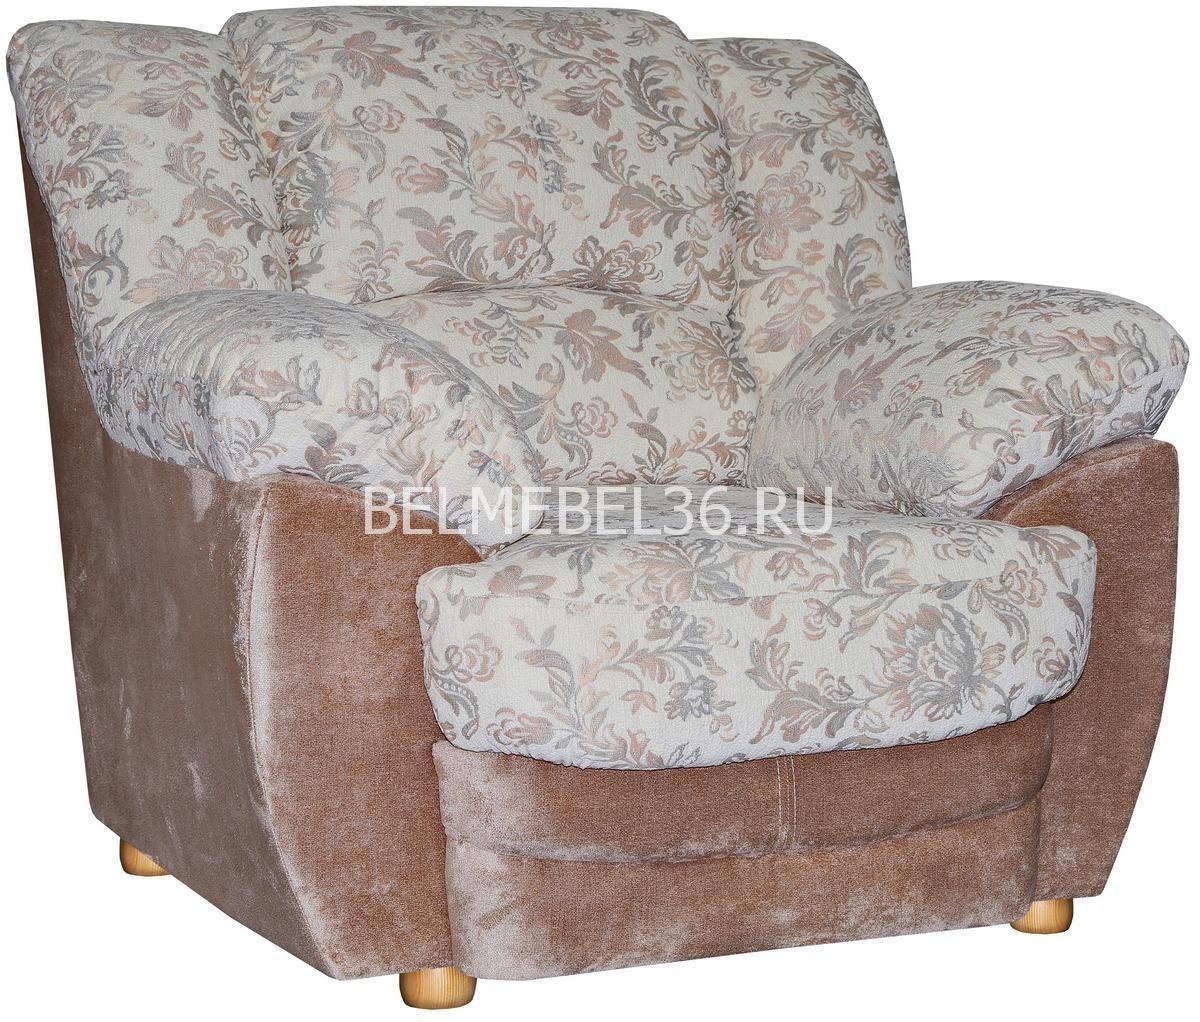 Торино 2 (12)   Белорусская мебель в Воронеже